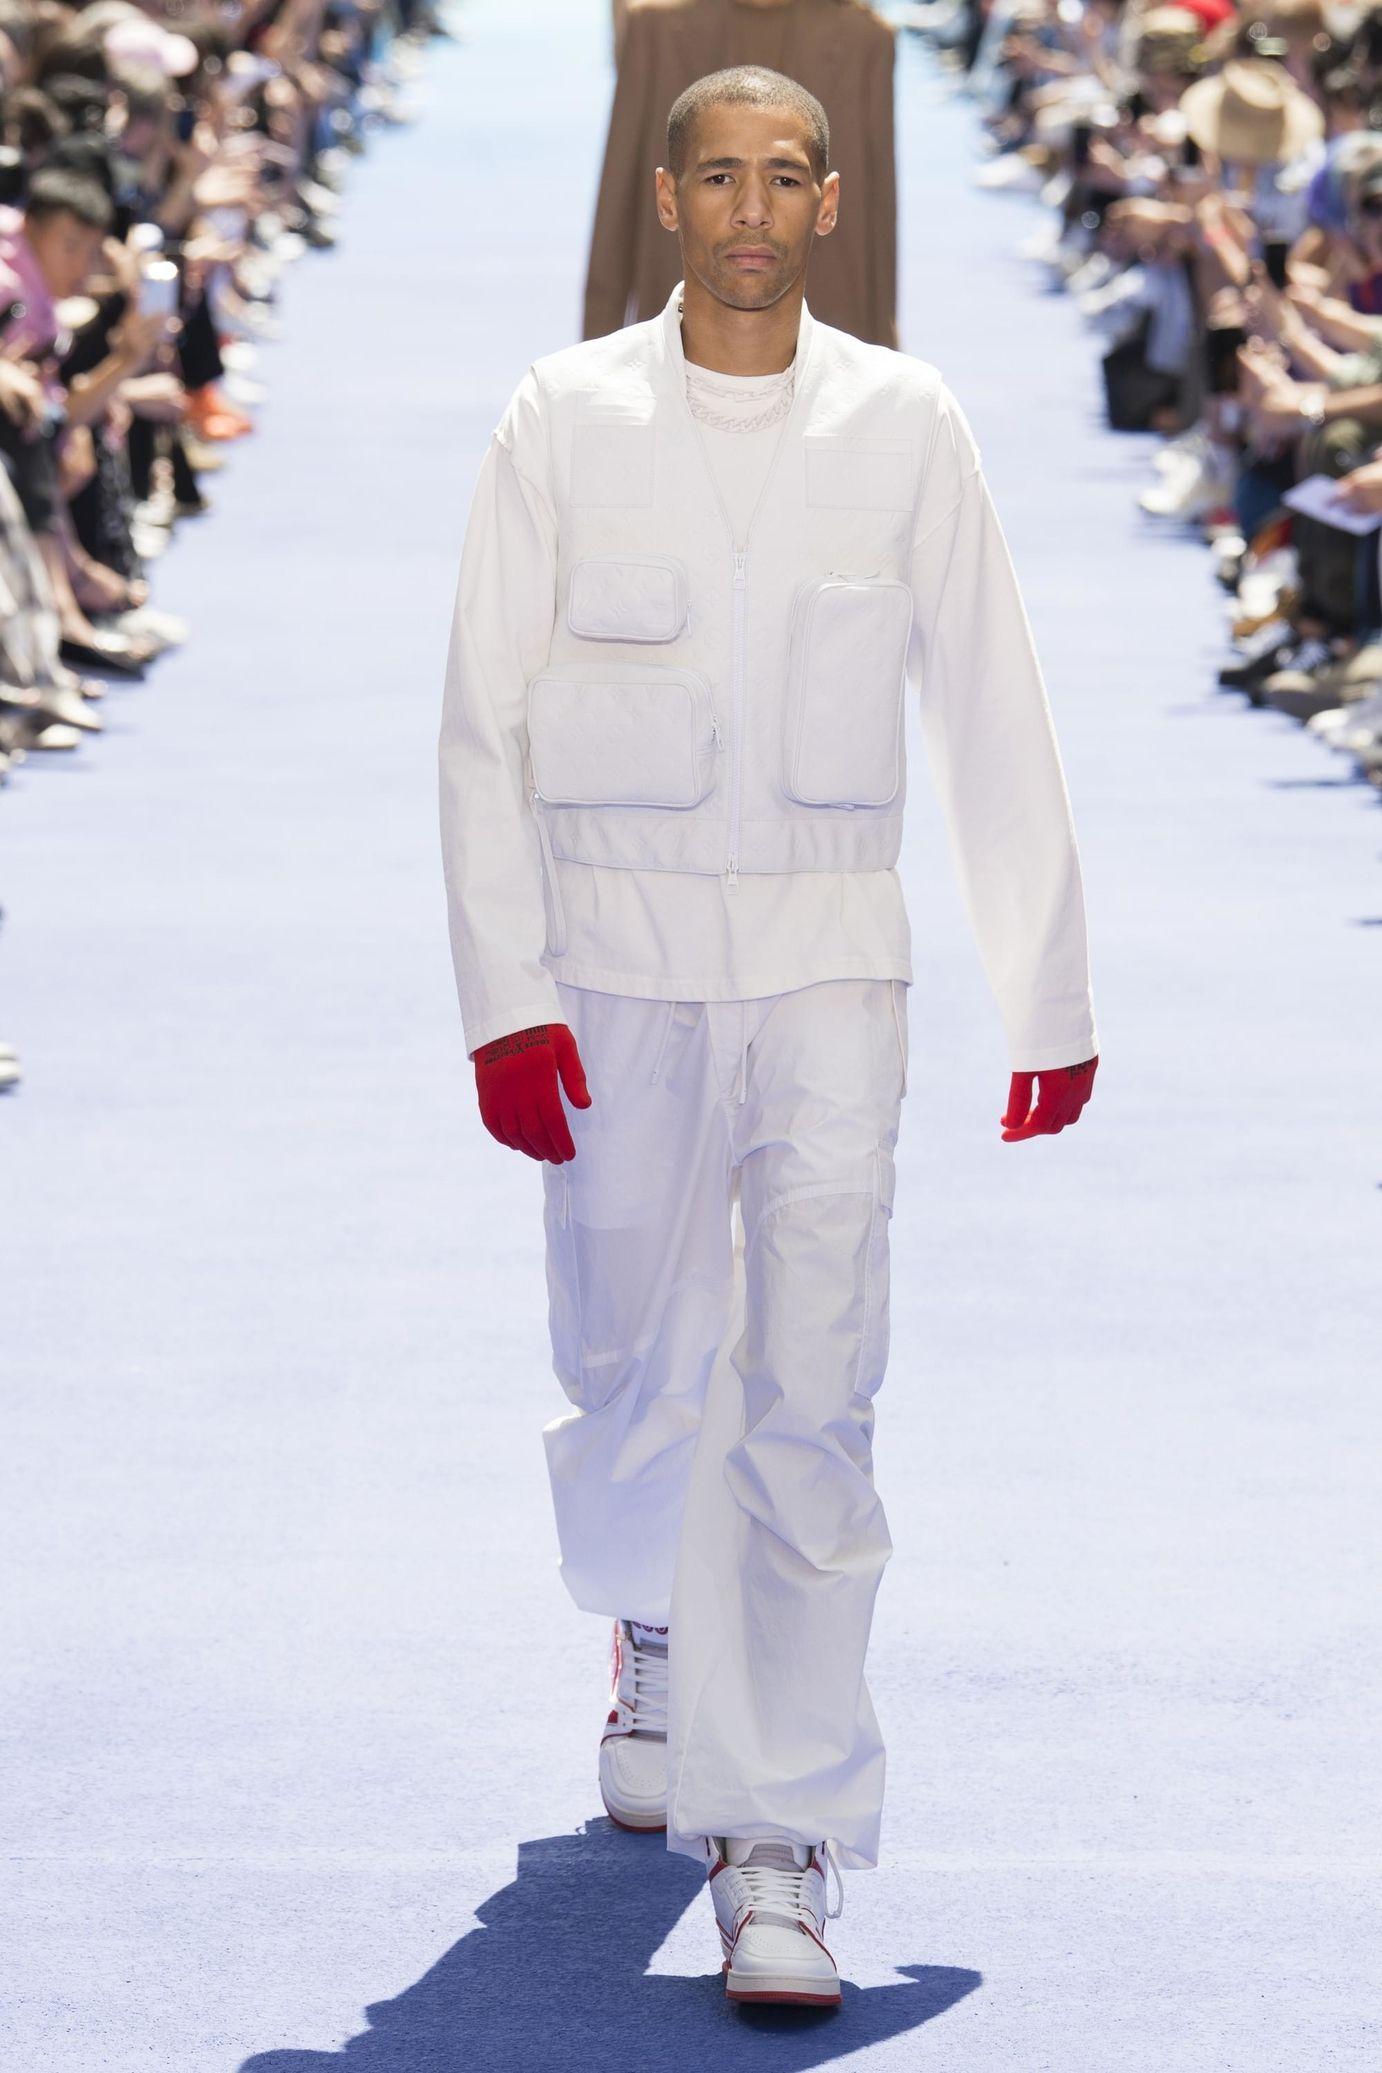 Louis Vuitton P E 2019 par Virgil Abloh   MENSWEAR en 2019   Louis ... 59829906289